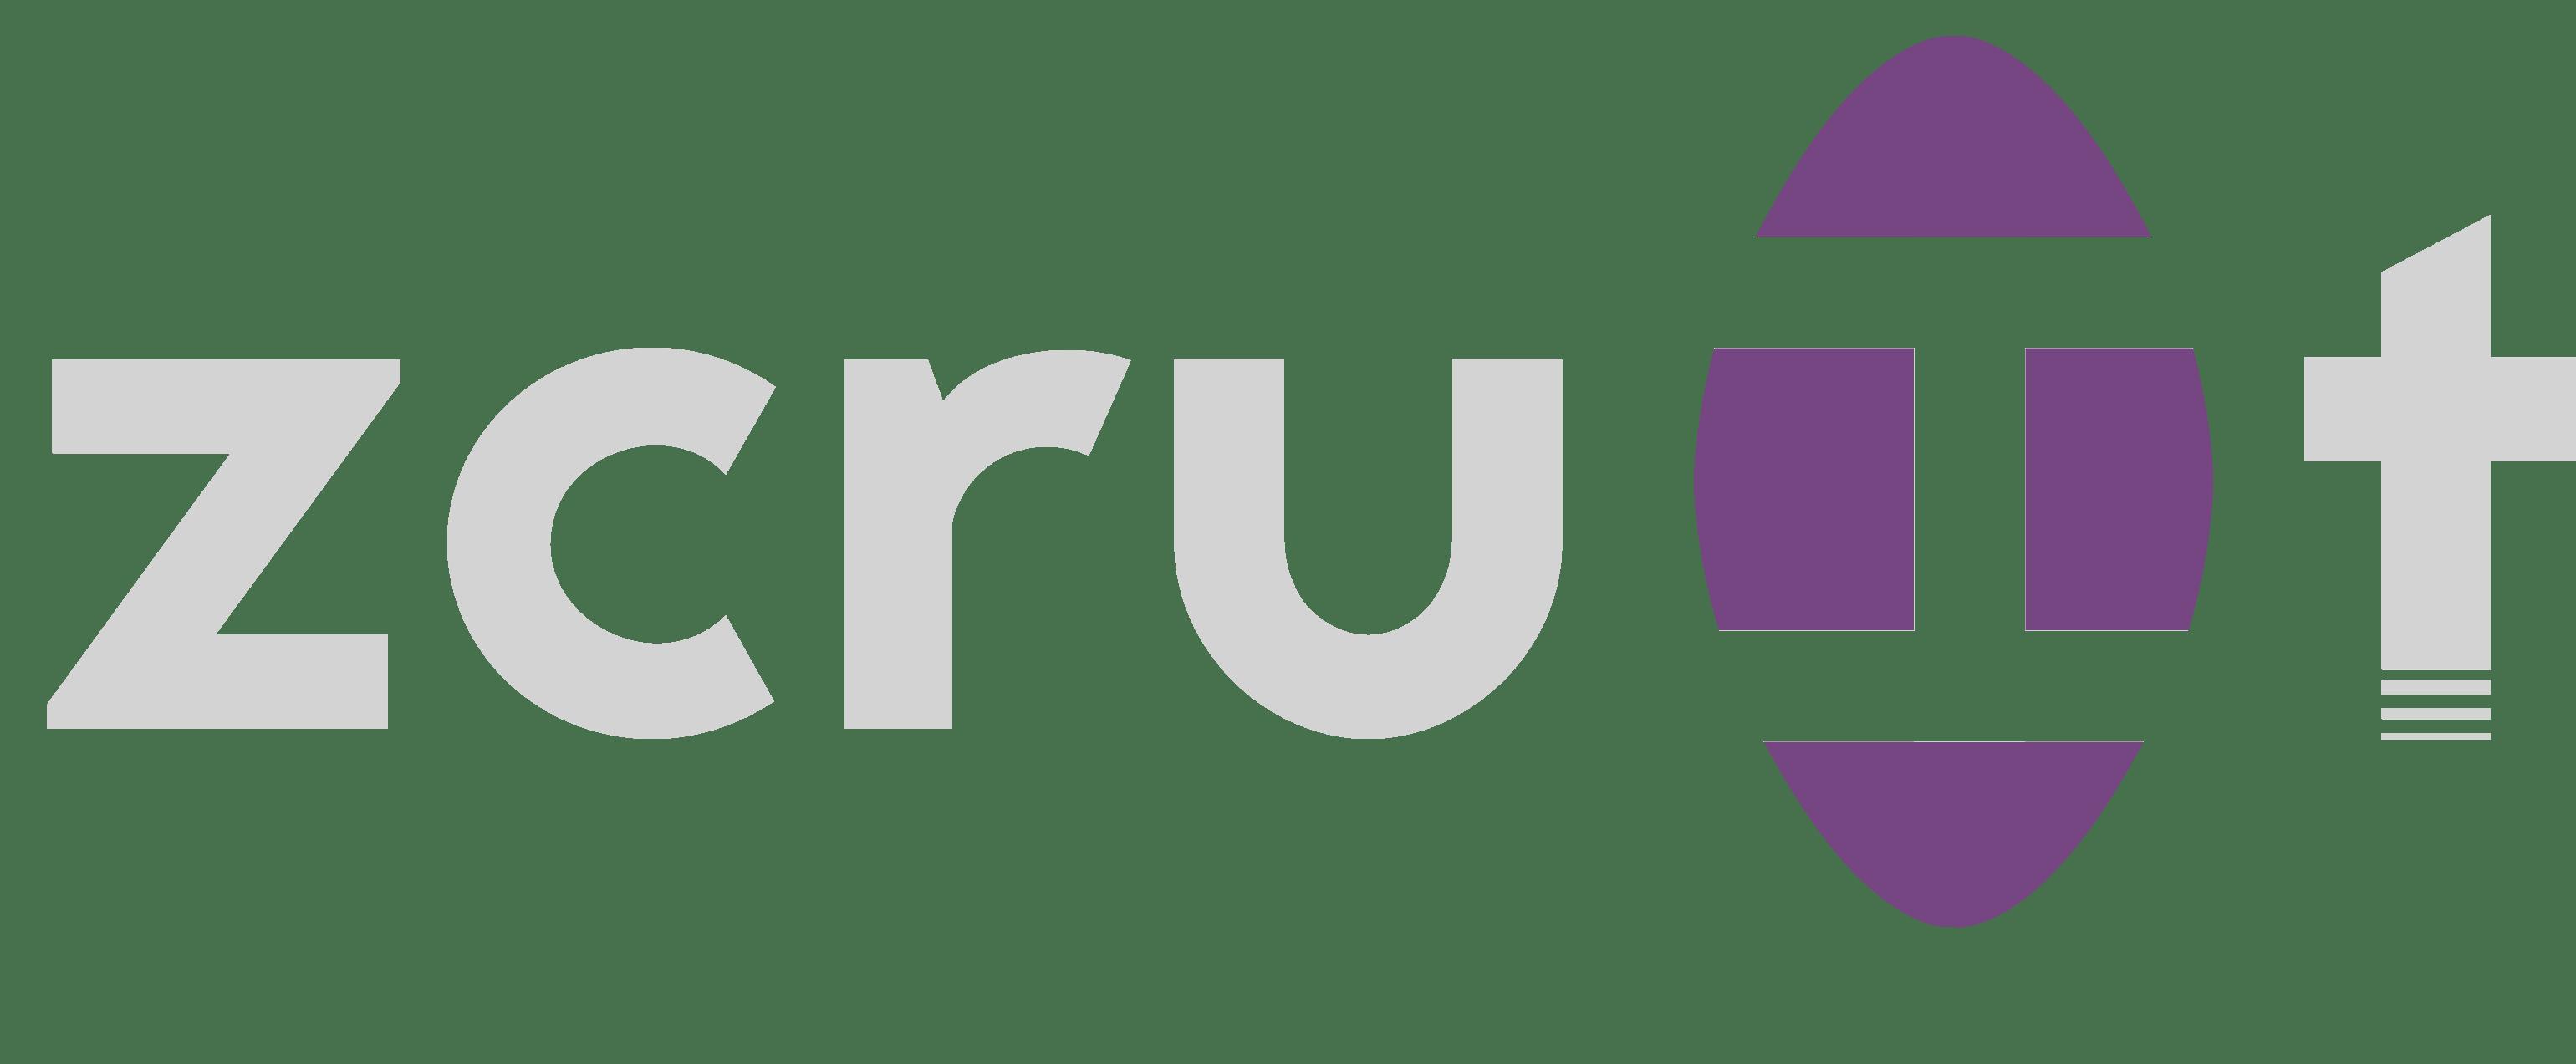 zcruit logo